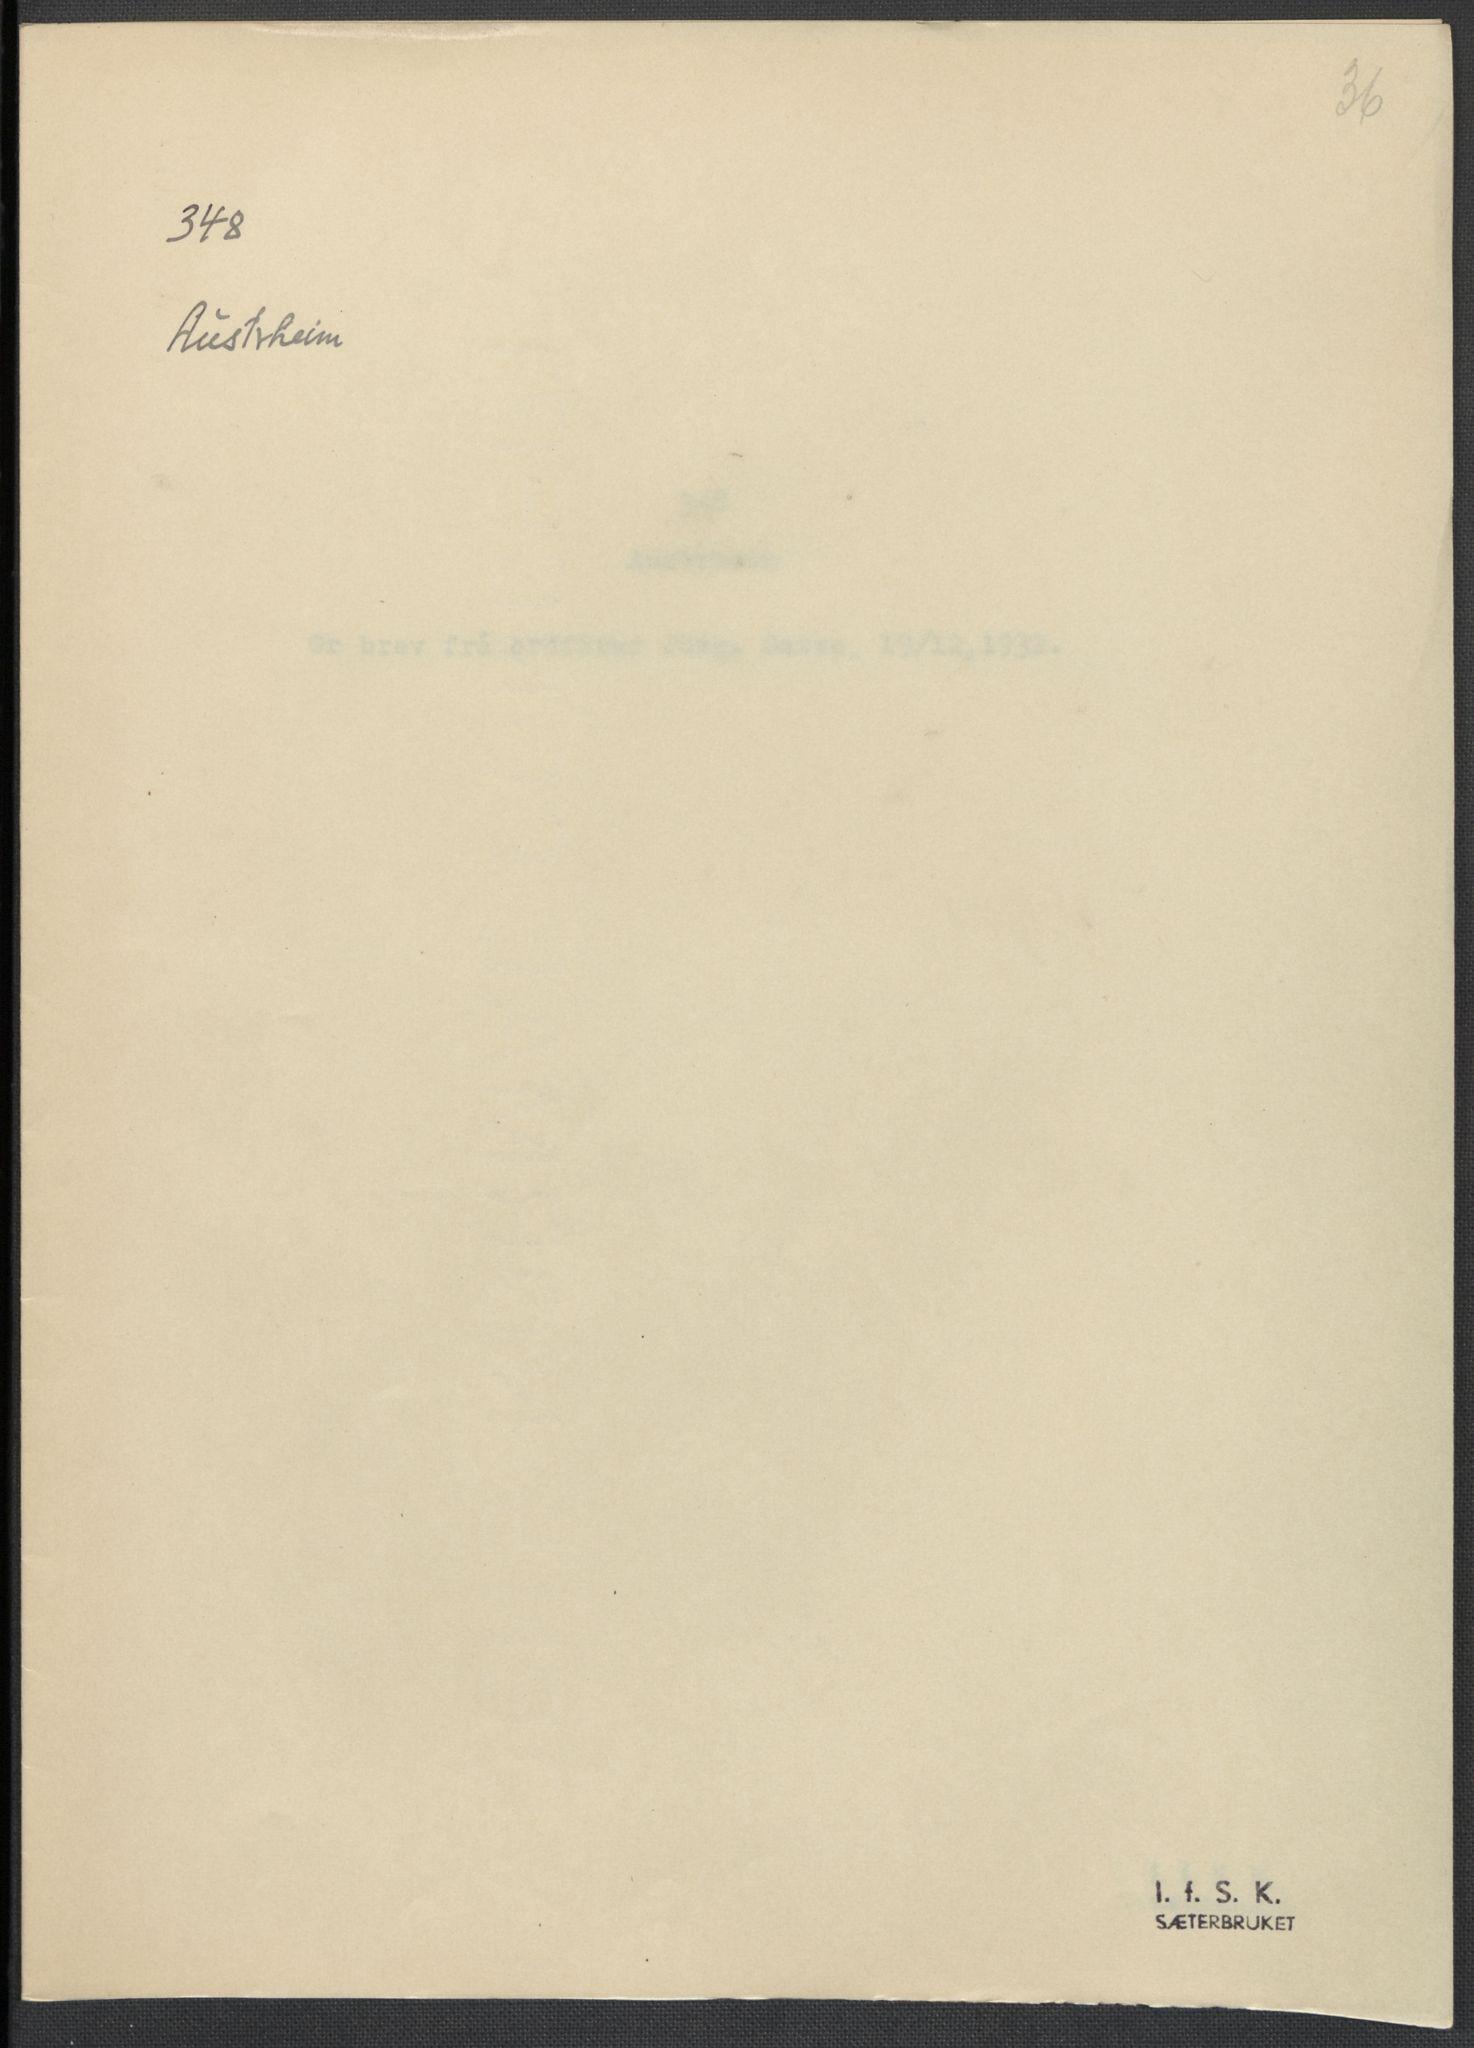 RA, Instituttet for sammenlignende kulturforskning, F/Fc/L0010: Eske B10:, 1932-1935, s. 36